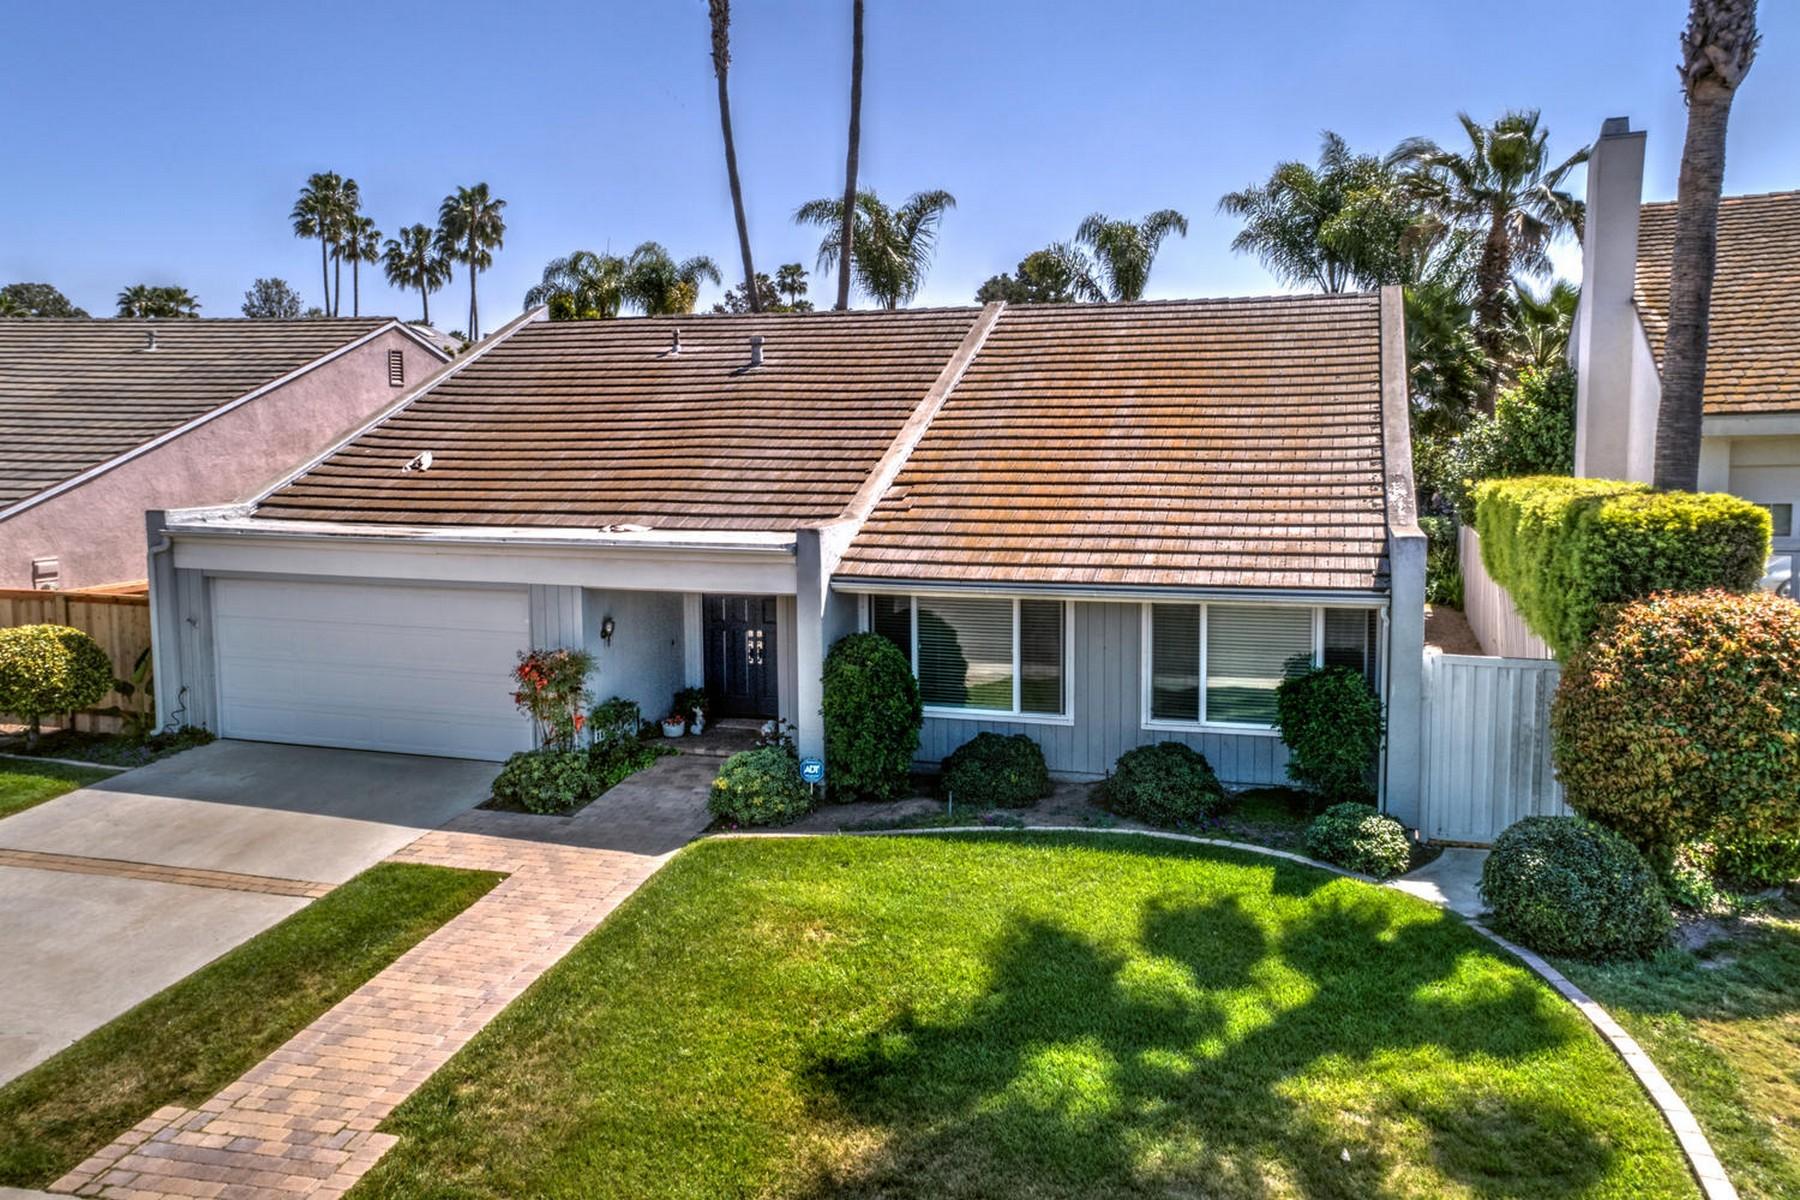 Maison unifamiliale pour l Vente à 15999 Via De Las Palmas Rancho Santa Fe, Californie, 92067 États-Unis